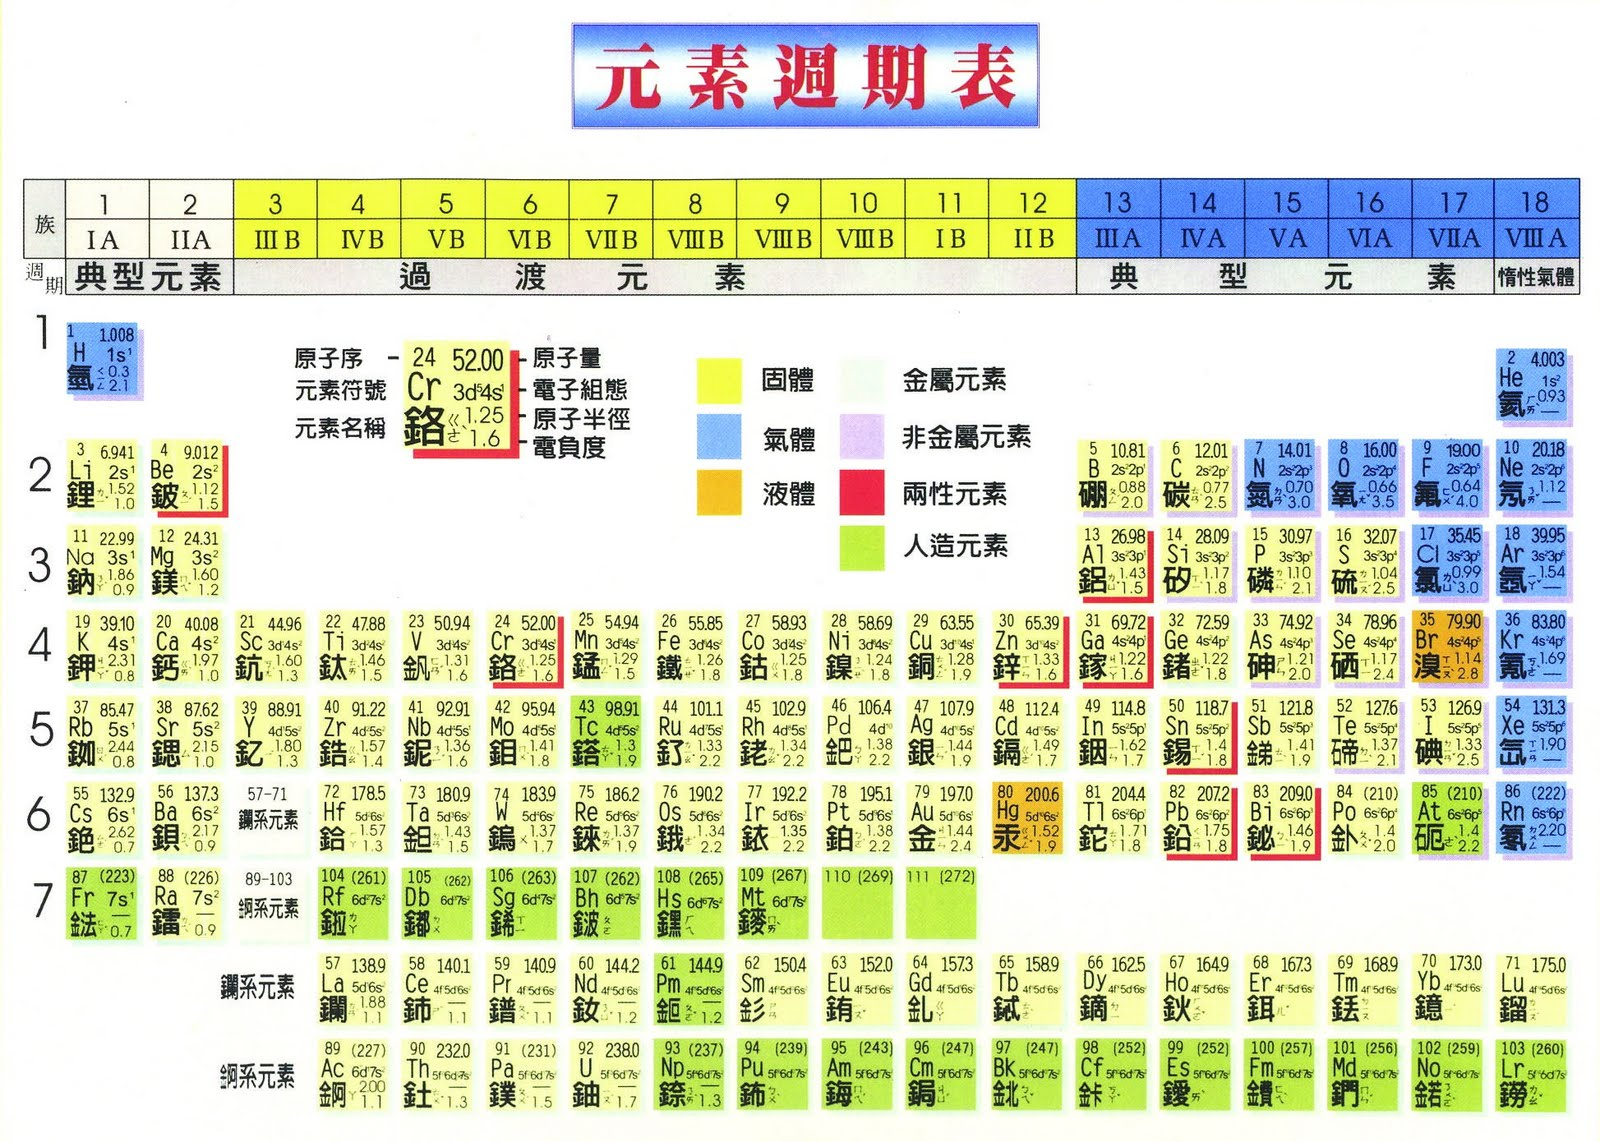 小明手札: 背記化學元素週期表-譚媽媽異想天開版